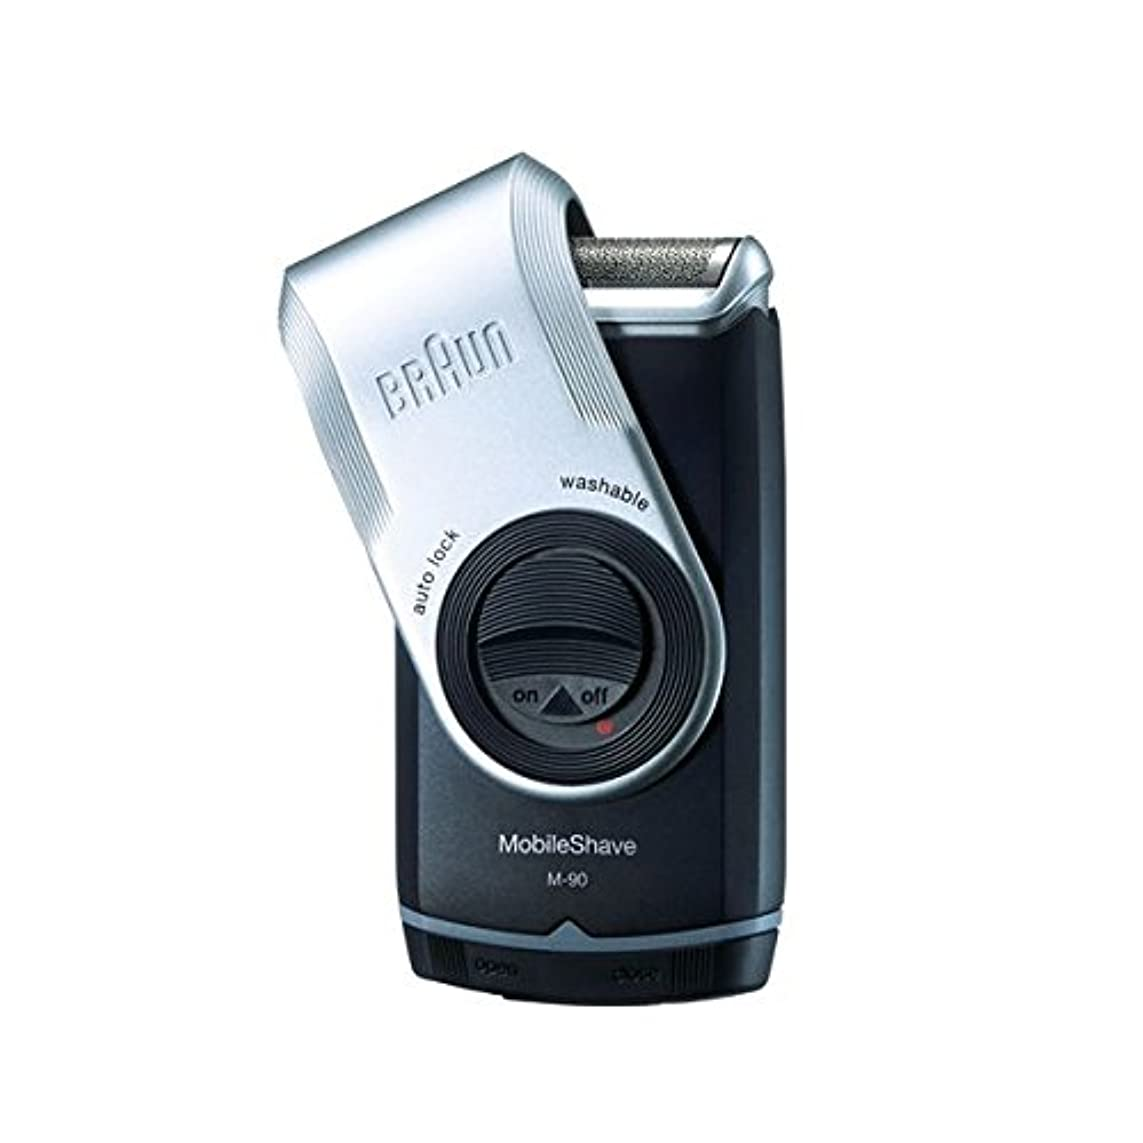 適応的こどもの宮殿抑止するBRAUN(ブラウン) シェーバー モバイルシェーブ(携帯型) M-90 ds-792921